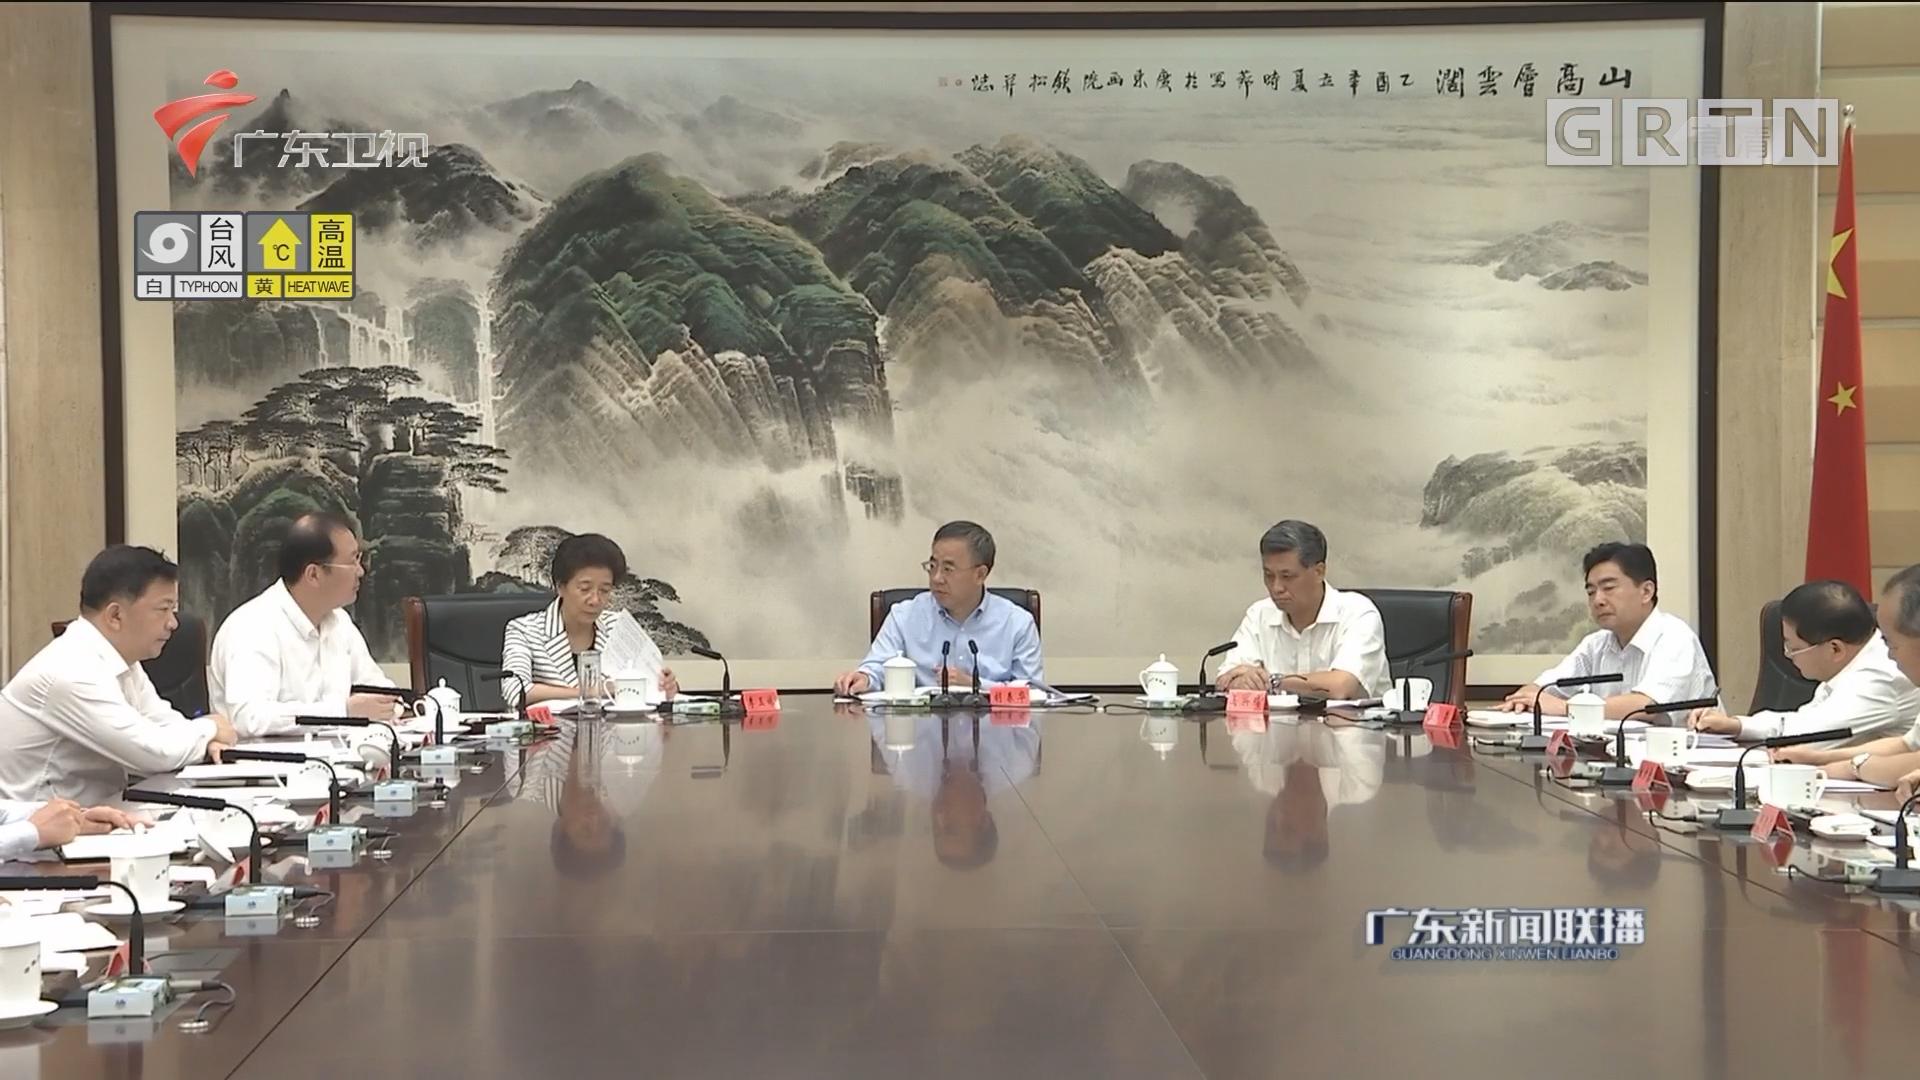 胡春华主持召开省委常委会议 为党的十九大胜利召开营造良好氛围